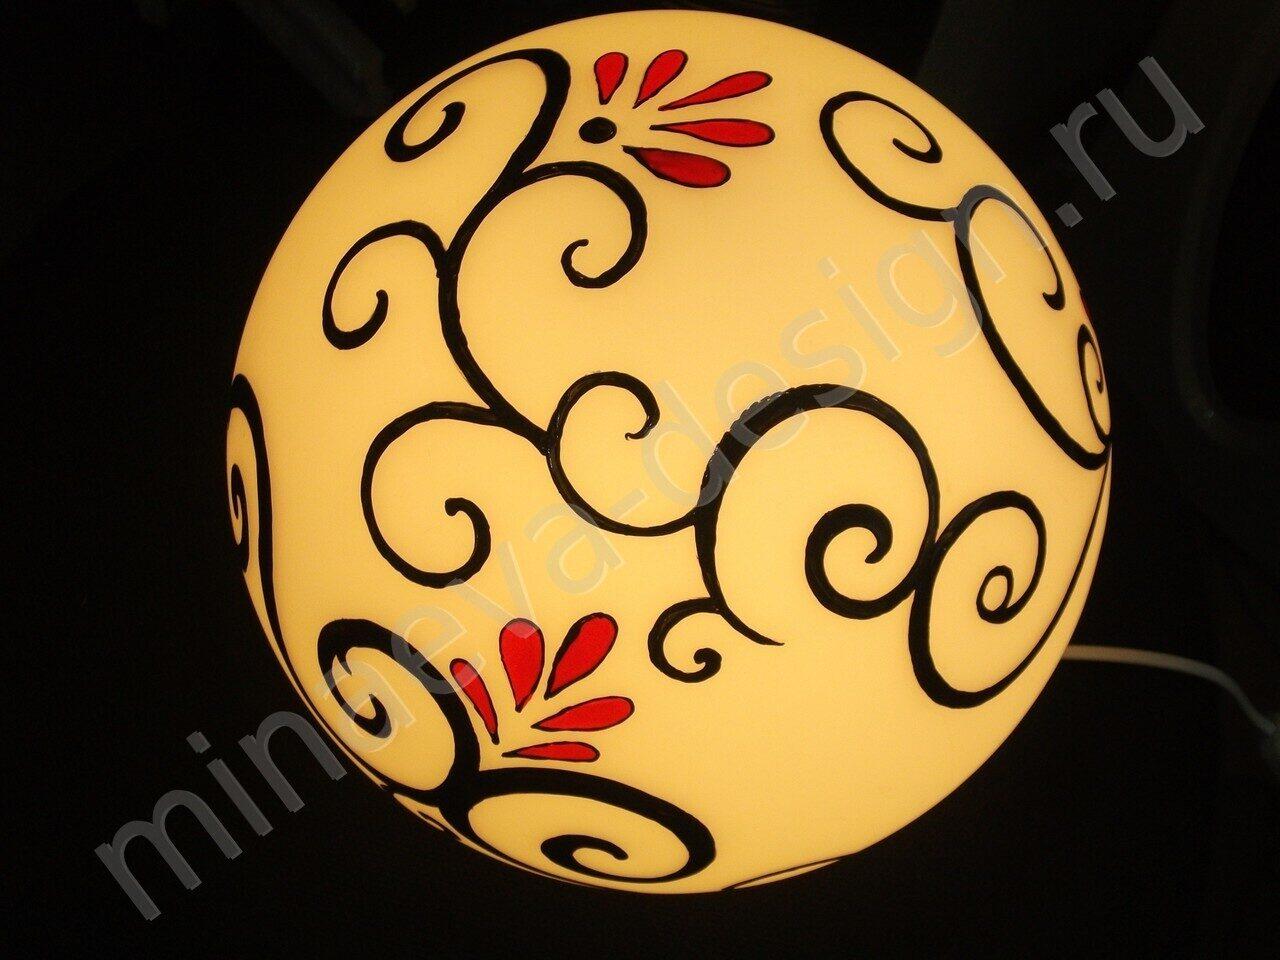 Витражи настольные лампы купить витражи настольные лампы